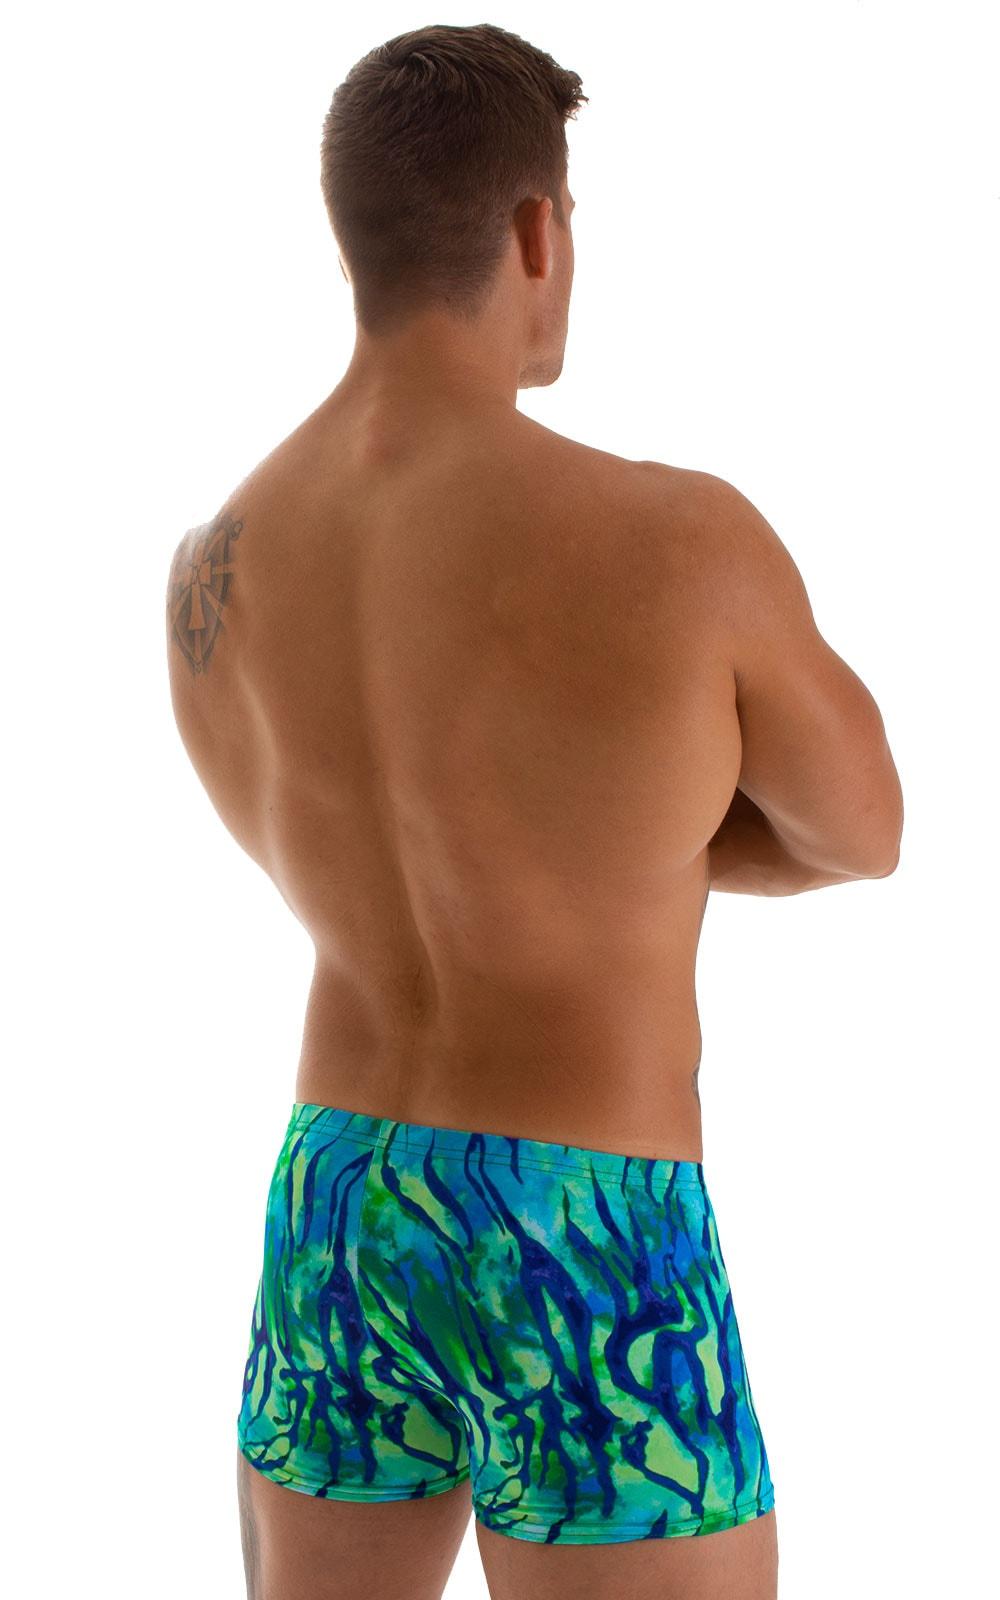 Square Cut Seamless Swim Trunks in Beach Tiger Blue-Green 2